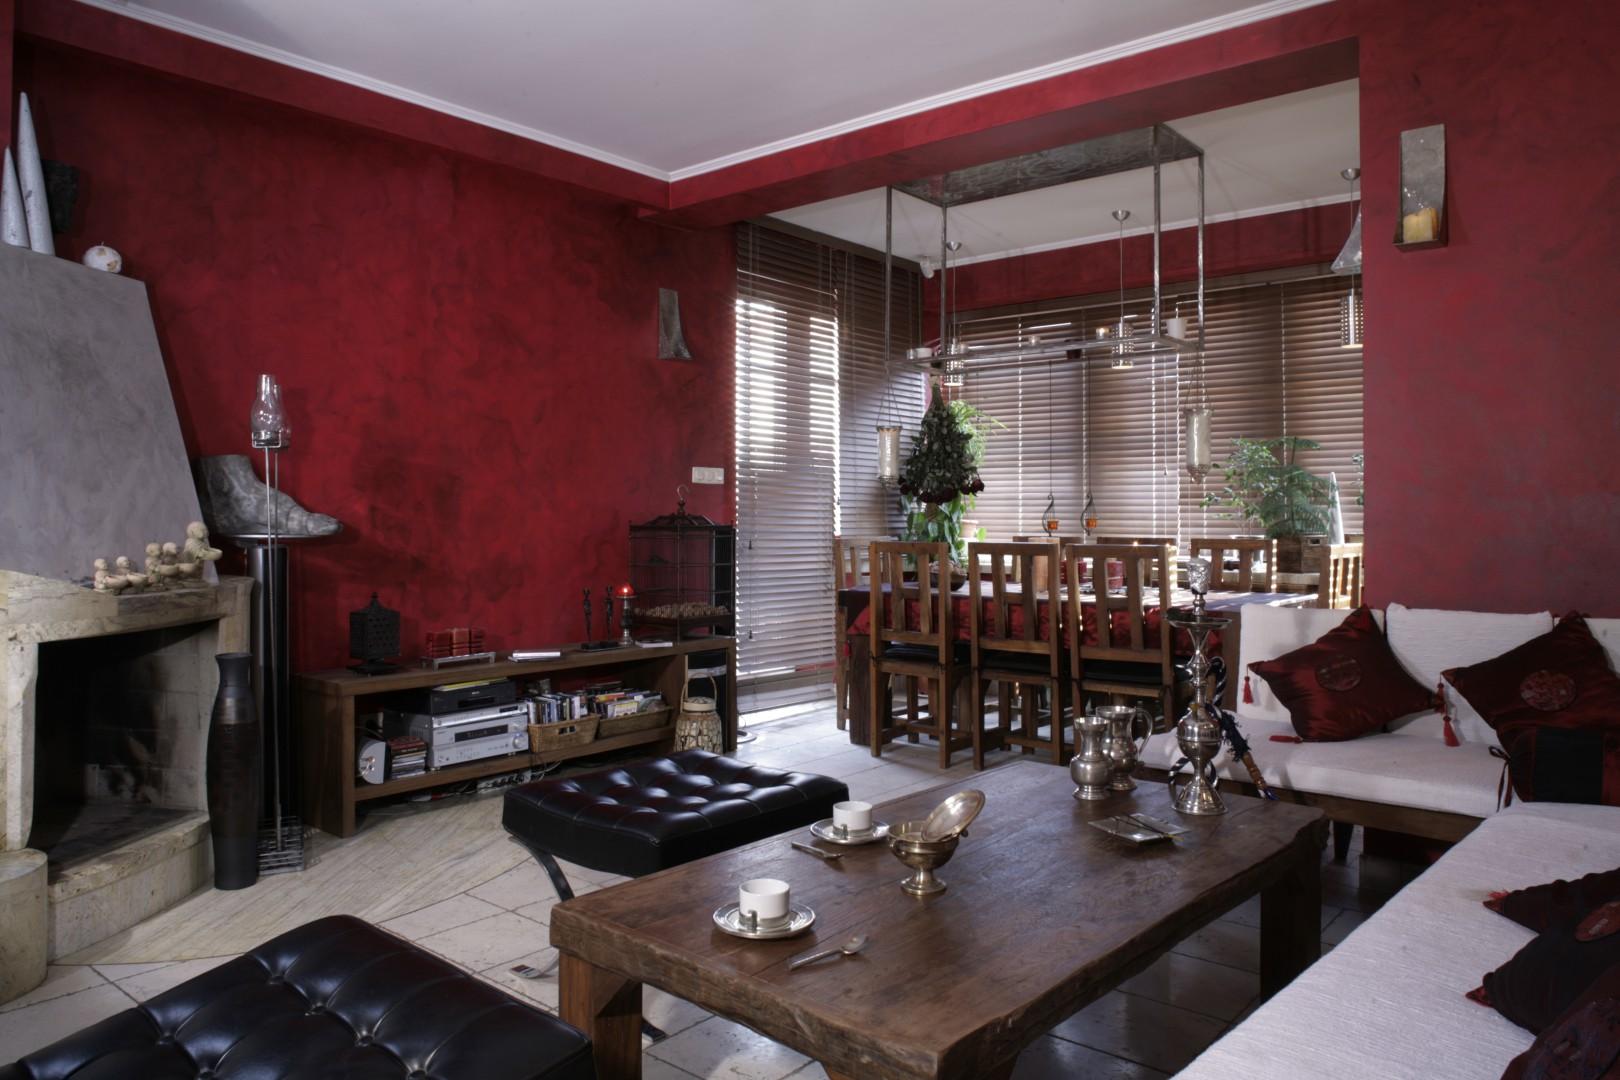 Stylowy salon, utrzymany w stylu klasycznym. Ciemne, ściany w kolorze bordo sprawiają, że wnętrze wydaje się niezwykle przytulne. Projekt: Cezary Tochman. Fot. Bartosz Jarosz